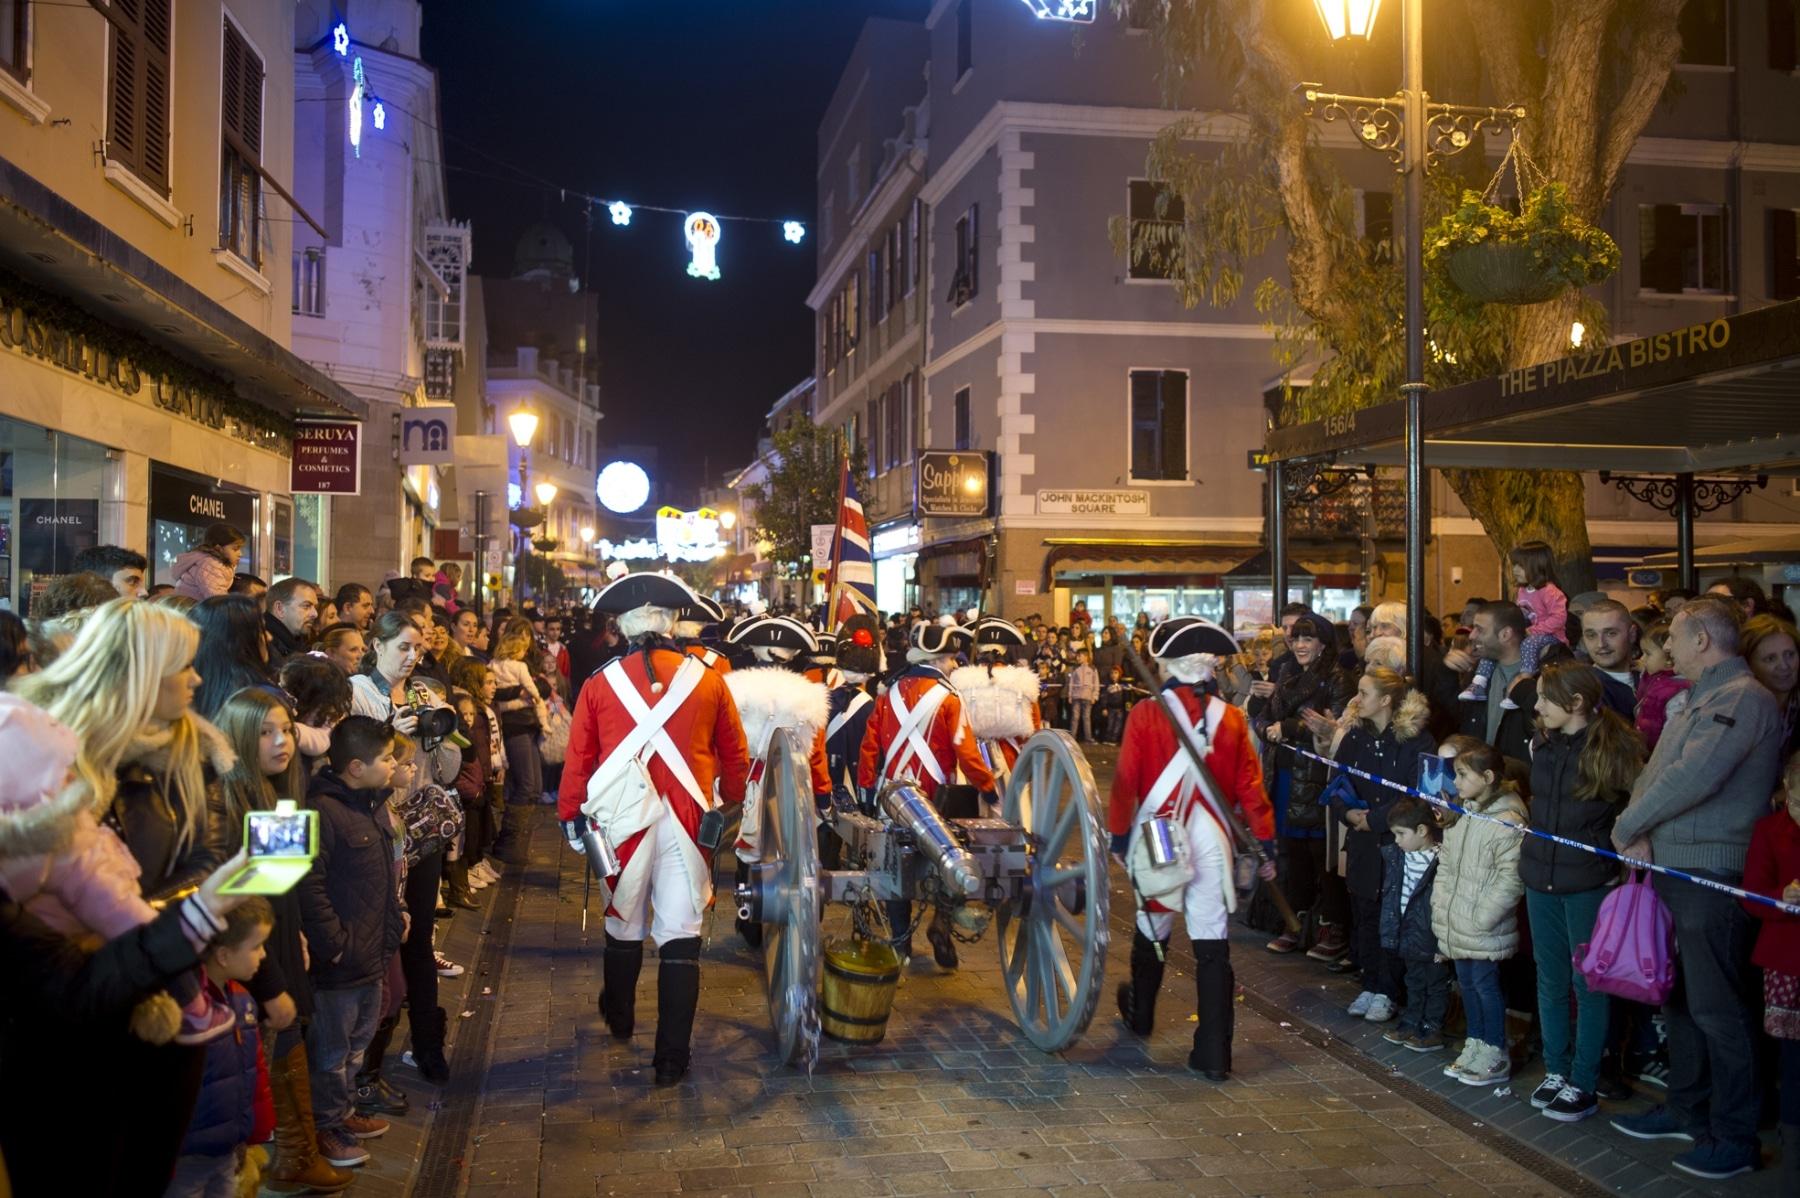 5-enero-2014-cabalgata-de-reyes-gibraltar-18_16035937279_o